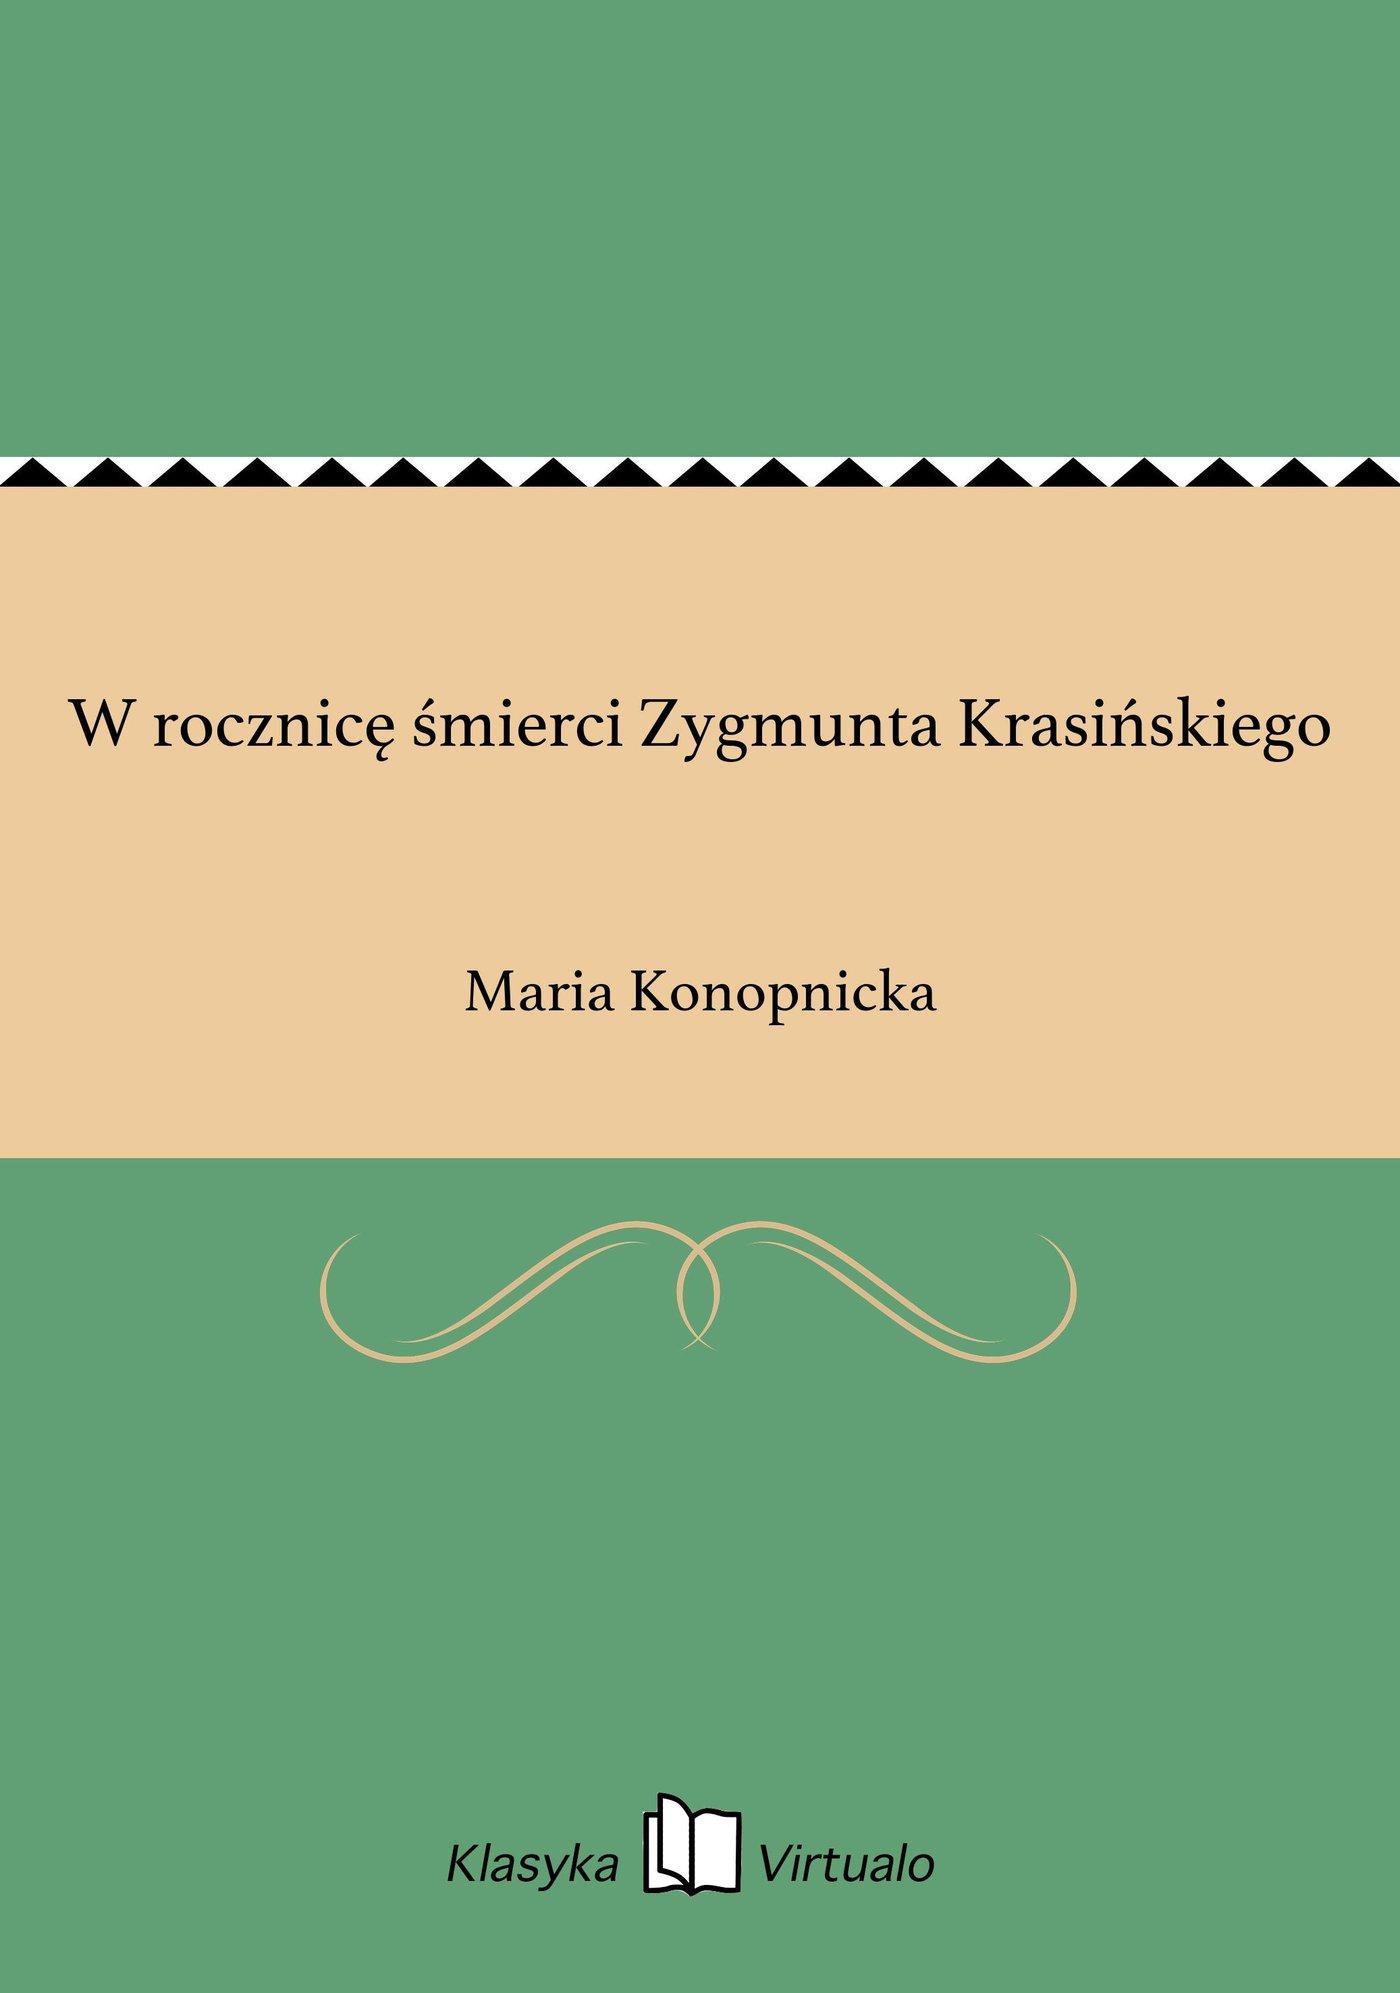 W rocznicę śmierci Zygmunta Krasińskiego - Ebook (Książka EPUB) do pobrania w formacie EPUB